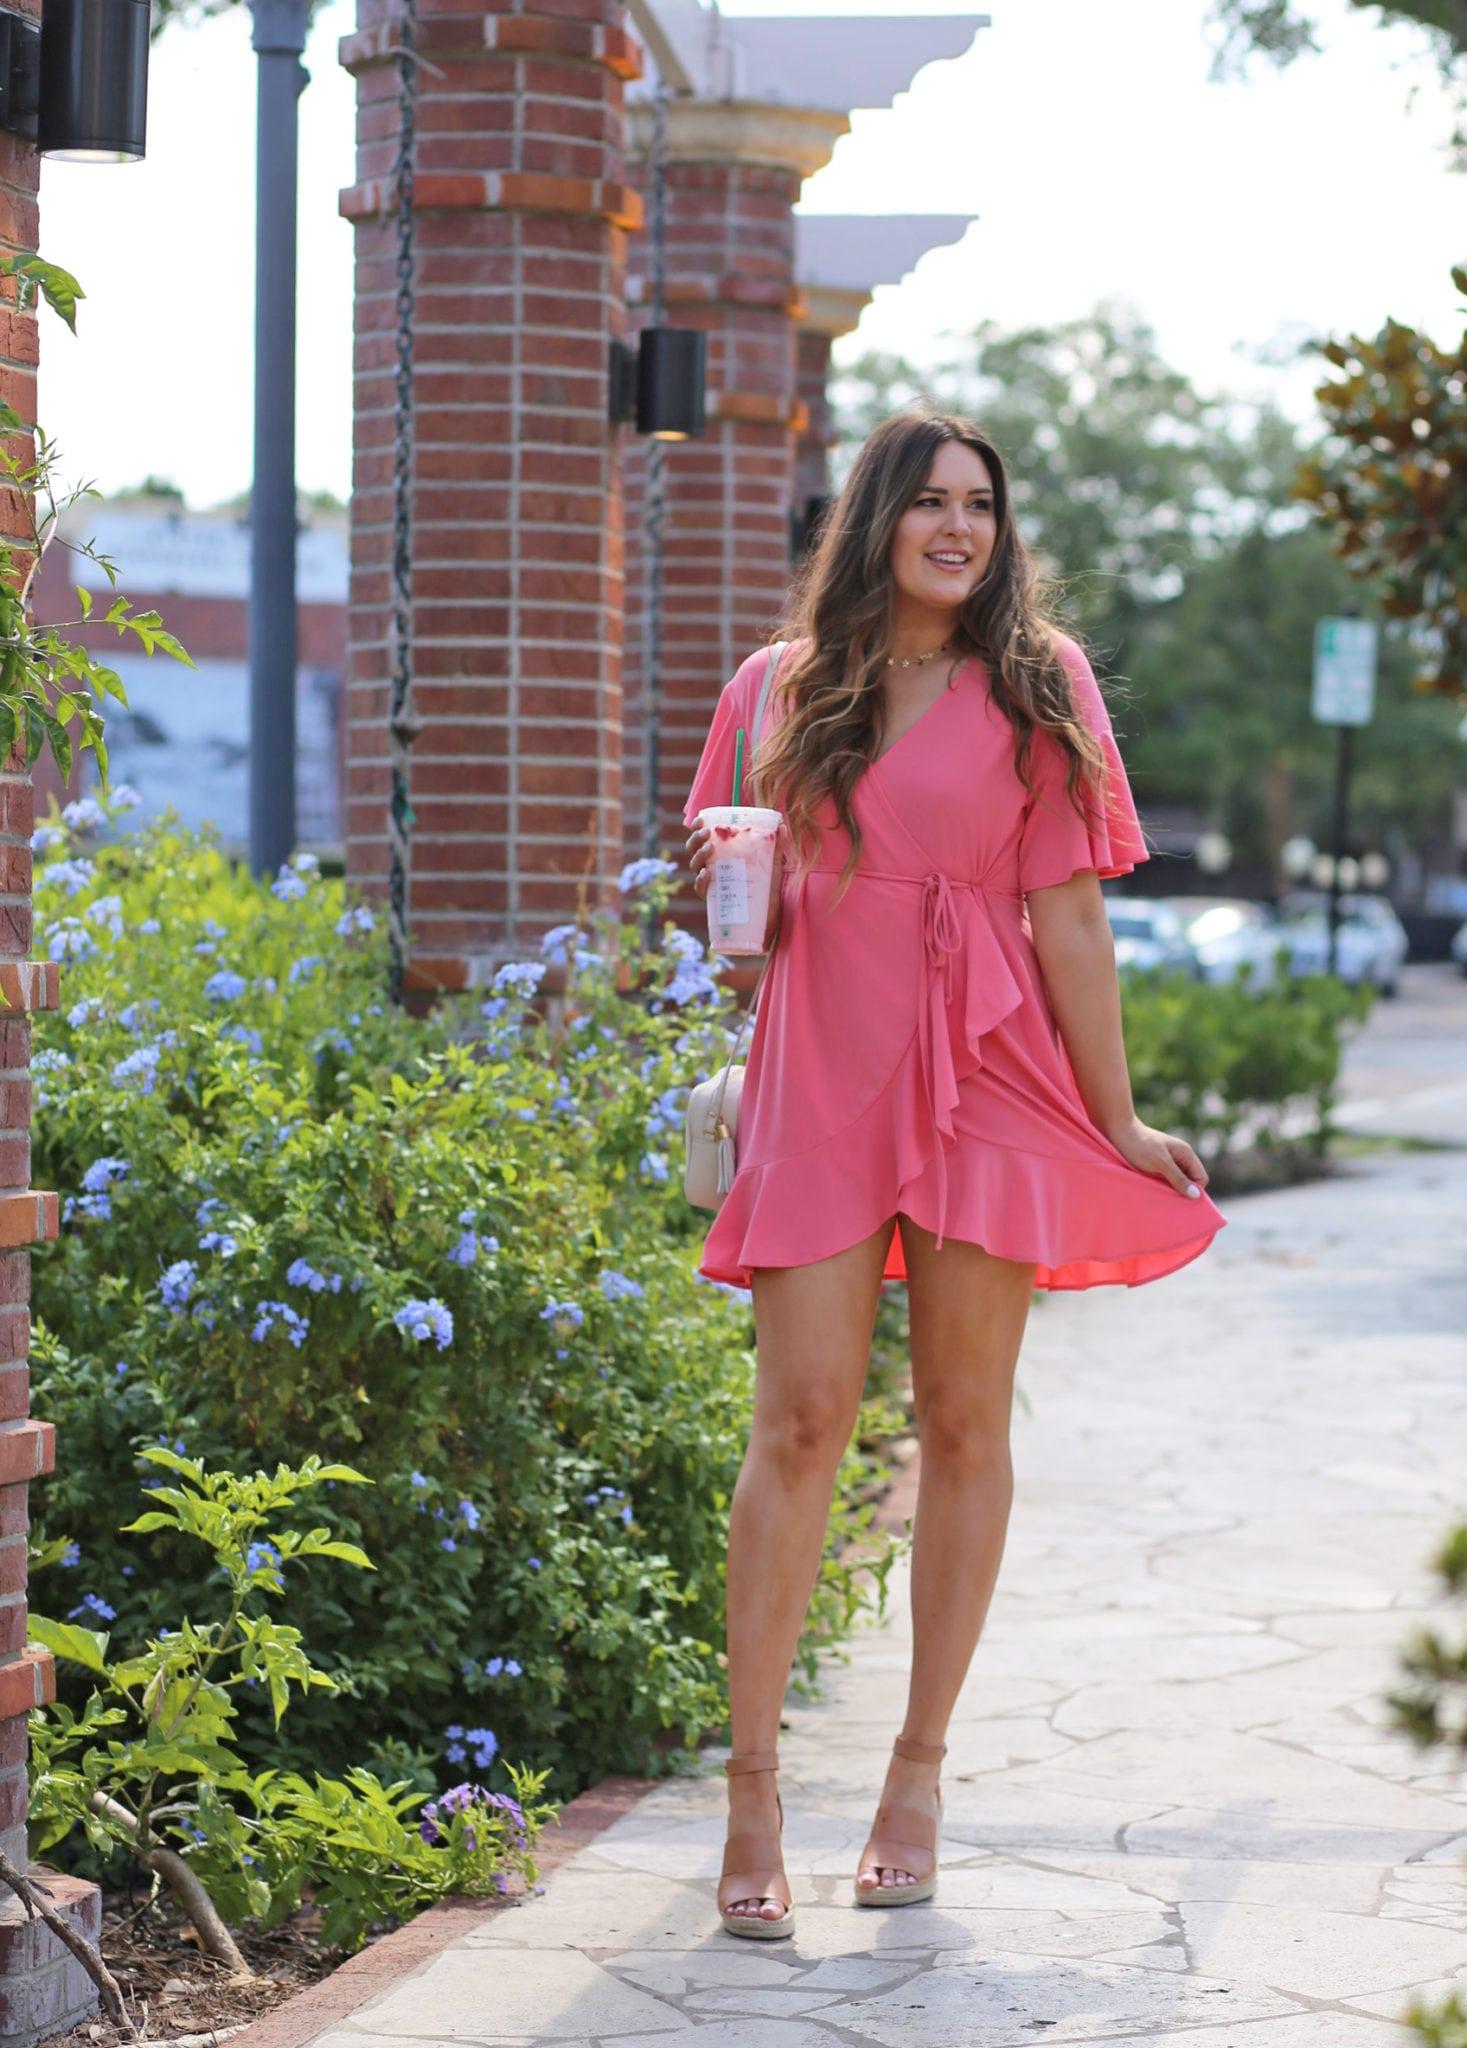 Mash Elle beauty blogger   Mash Elle   baby shower outfit   baby shower dress   pink dress   wrap dress pink drink starbucks    spring outfit   espadrilles   sandals